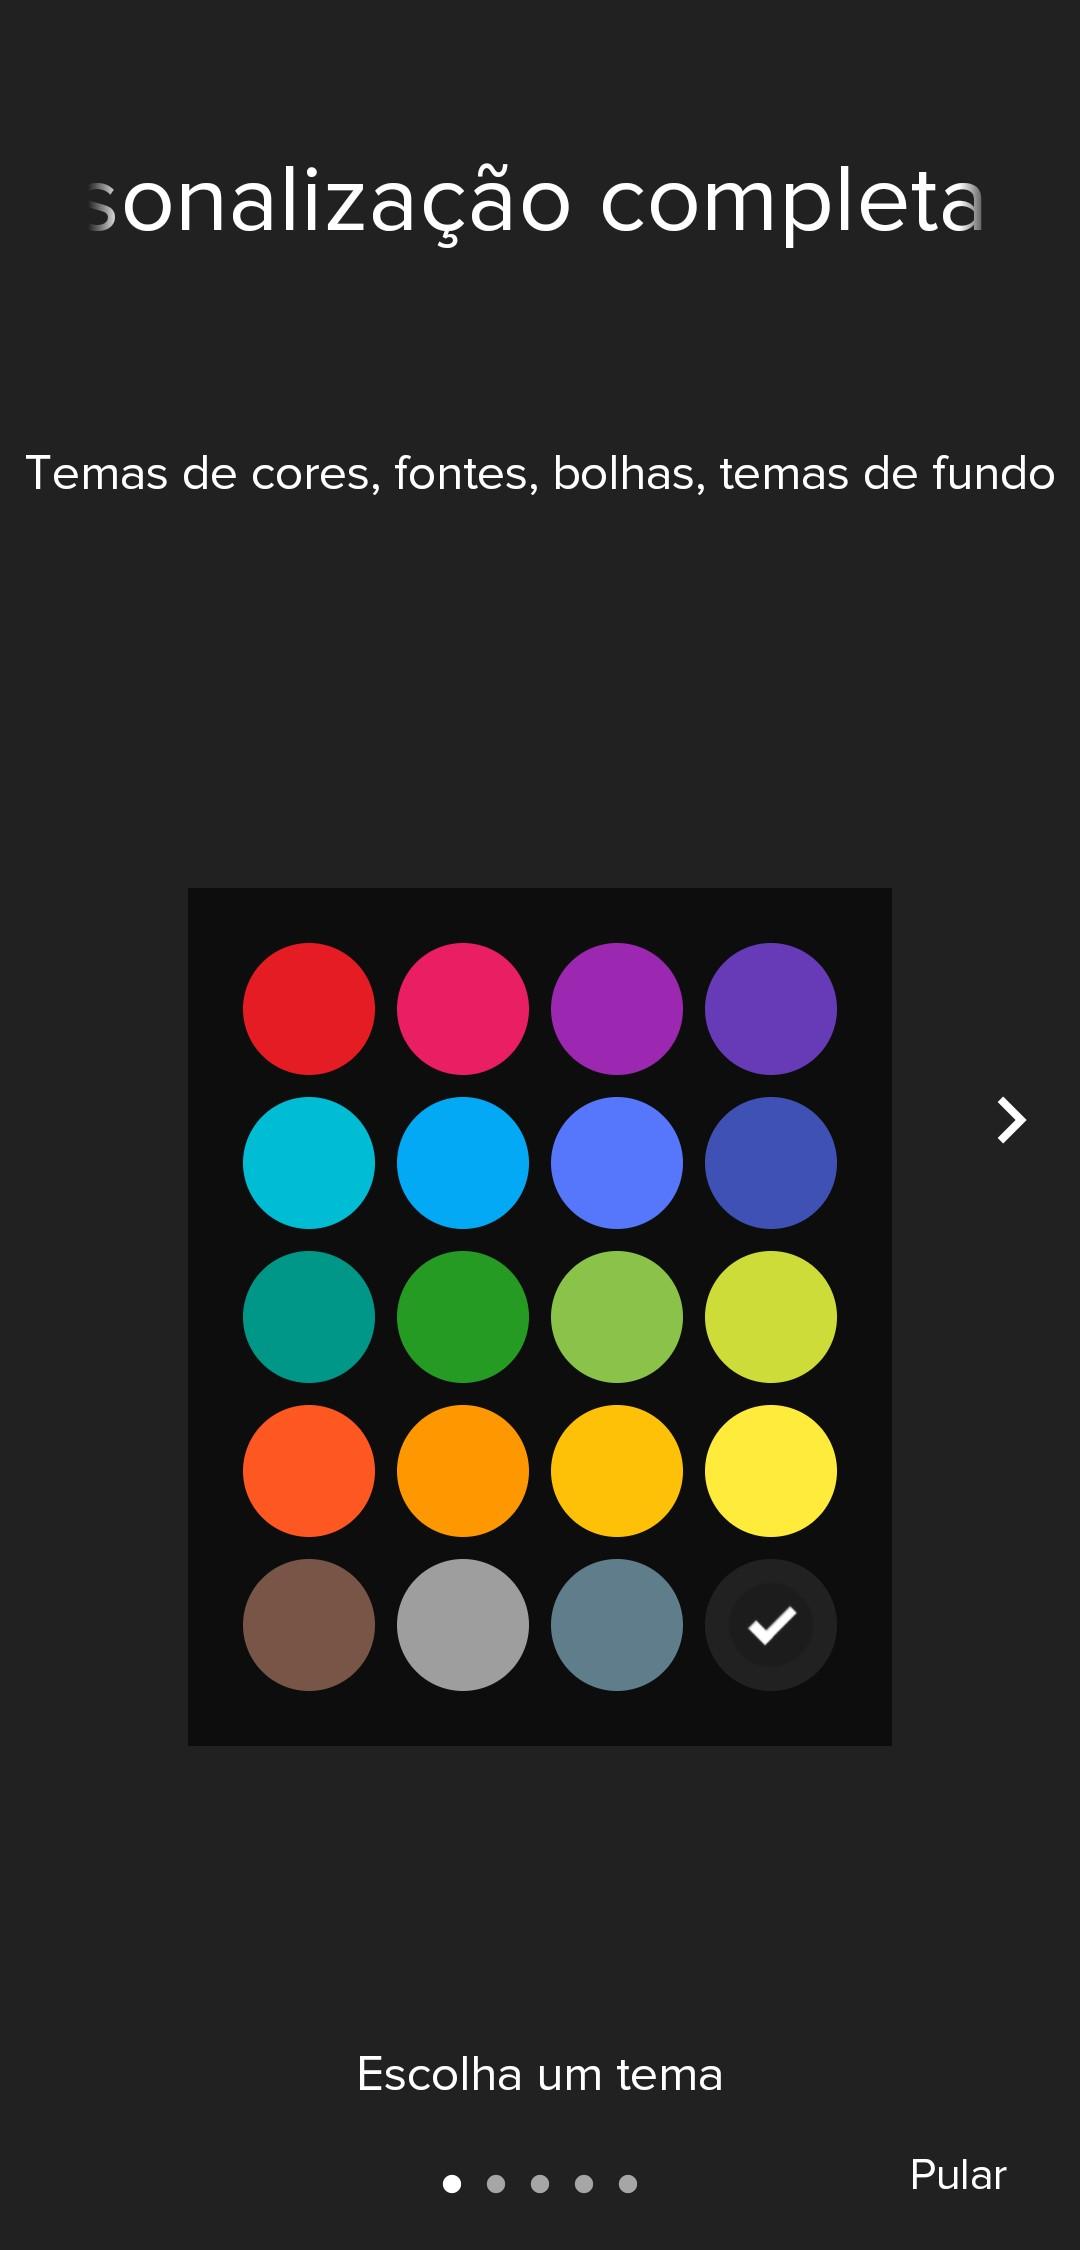 Mei, aplicativo de mensagens SMS - Imagem 1 do software